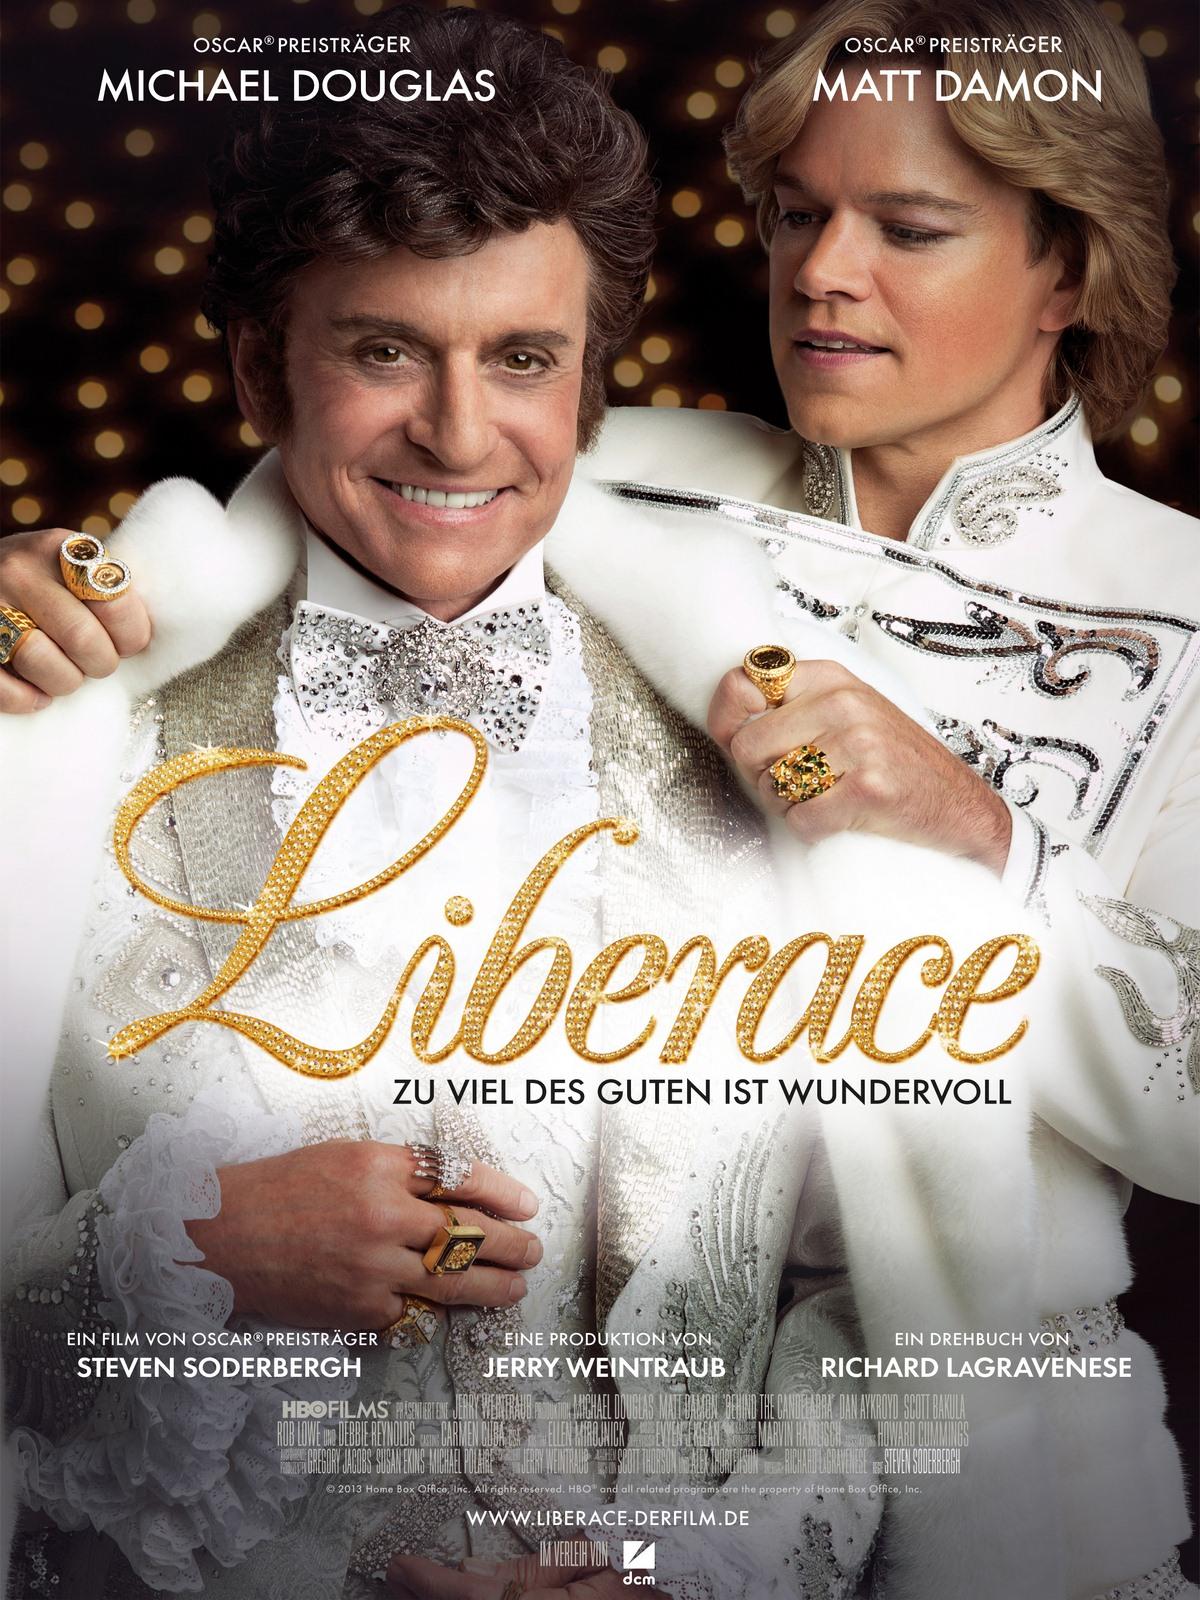 Liberace Zuviel Des Guten Ist Wundervoll